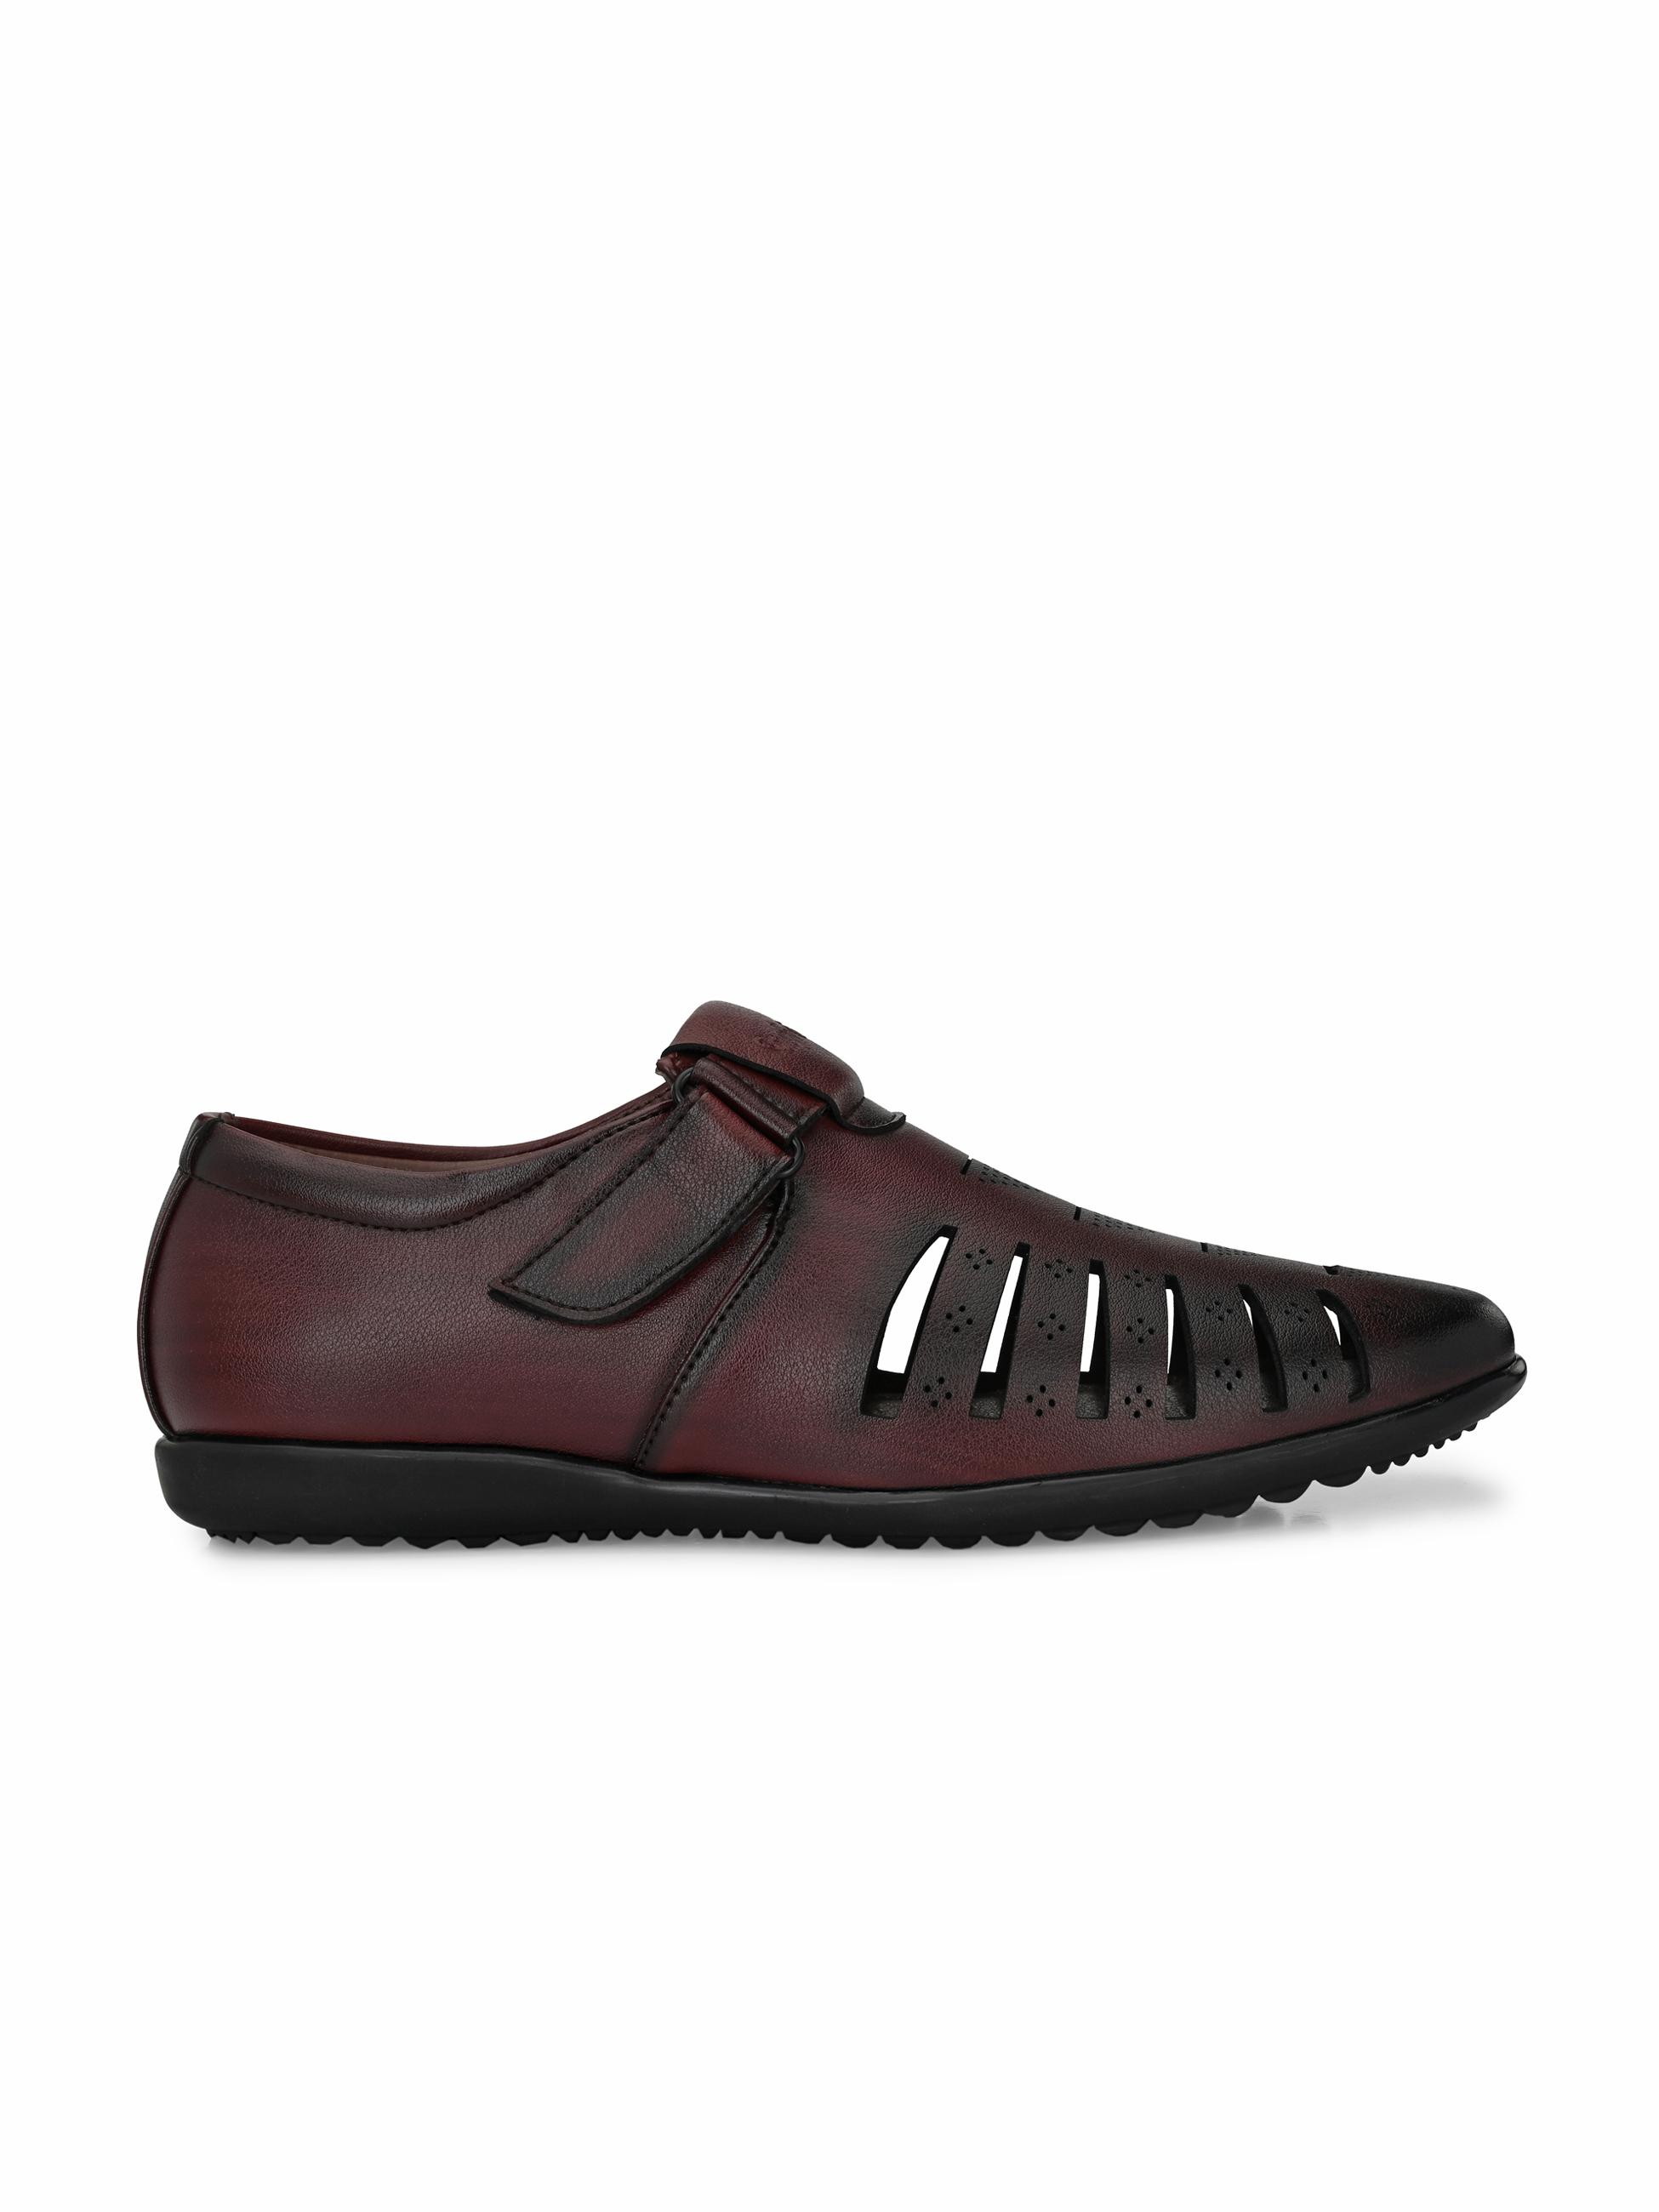 San Frissco | San Frissco Men's Faux Leather True Cherry Sandals